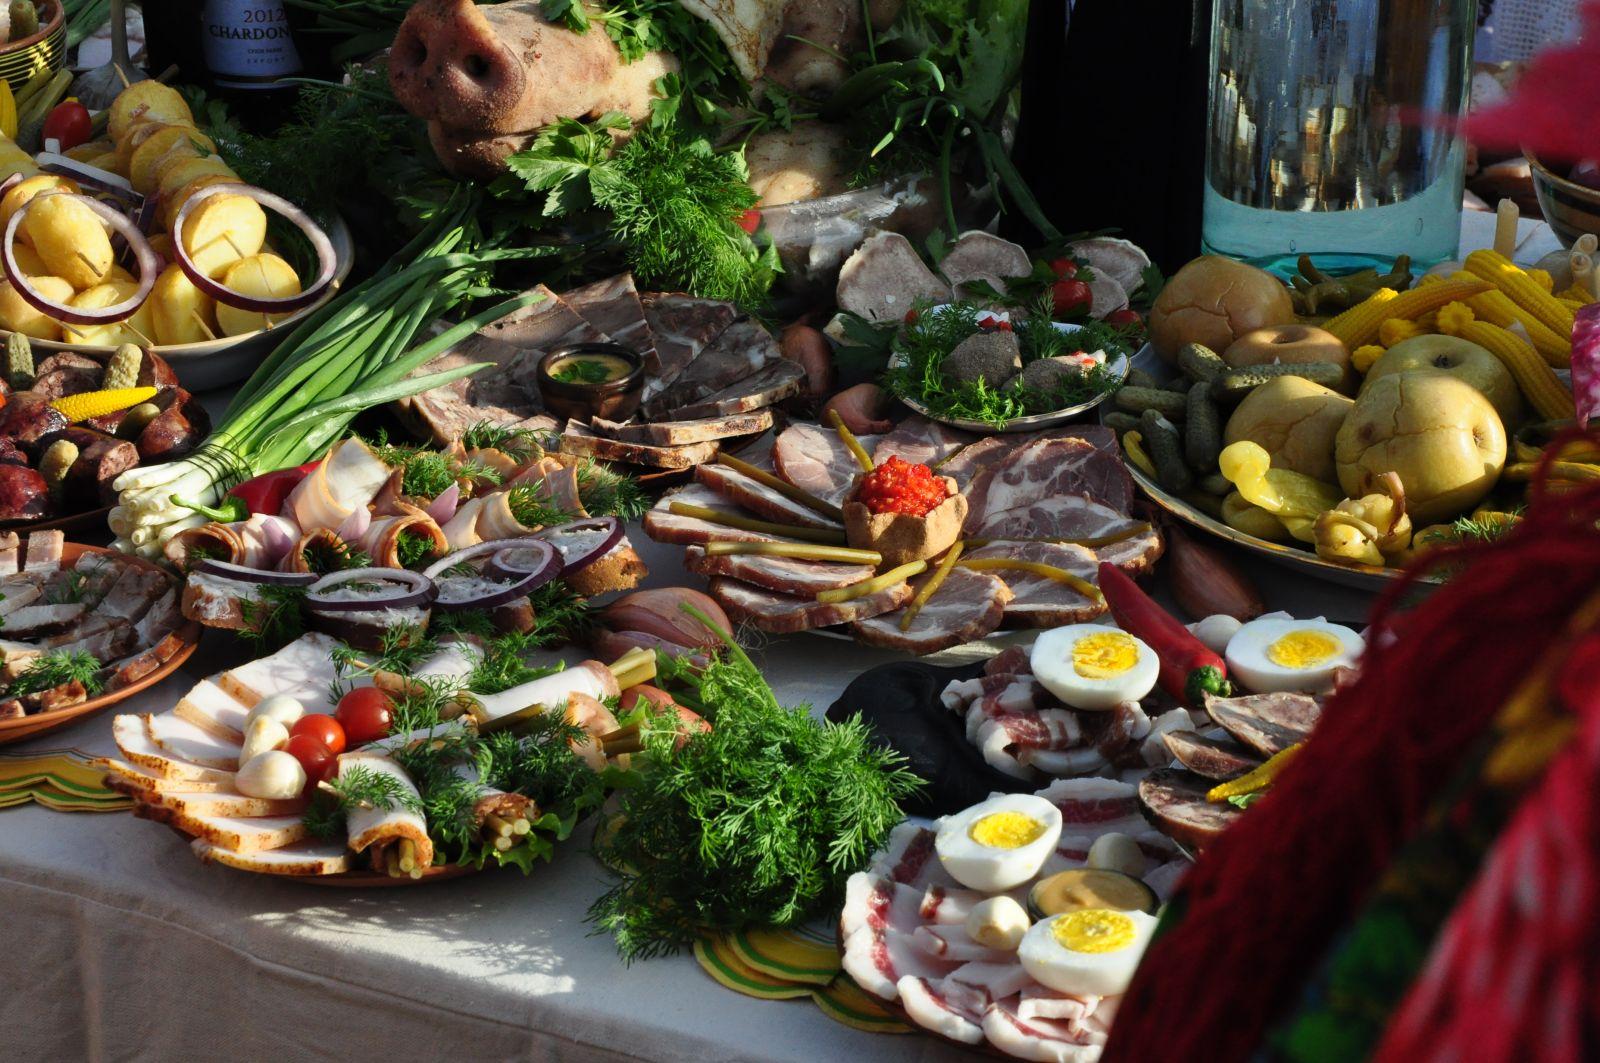 украинский стол с едой картинки сфинктер прямой кишки